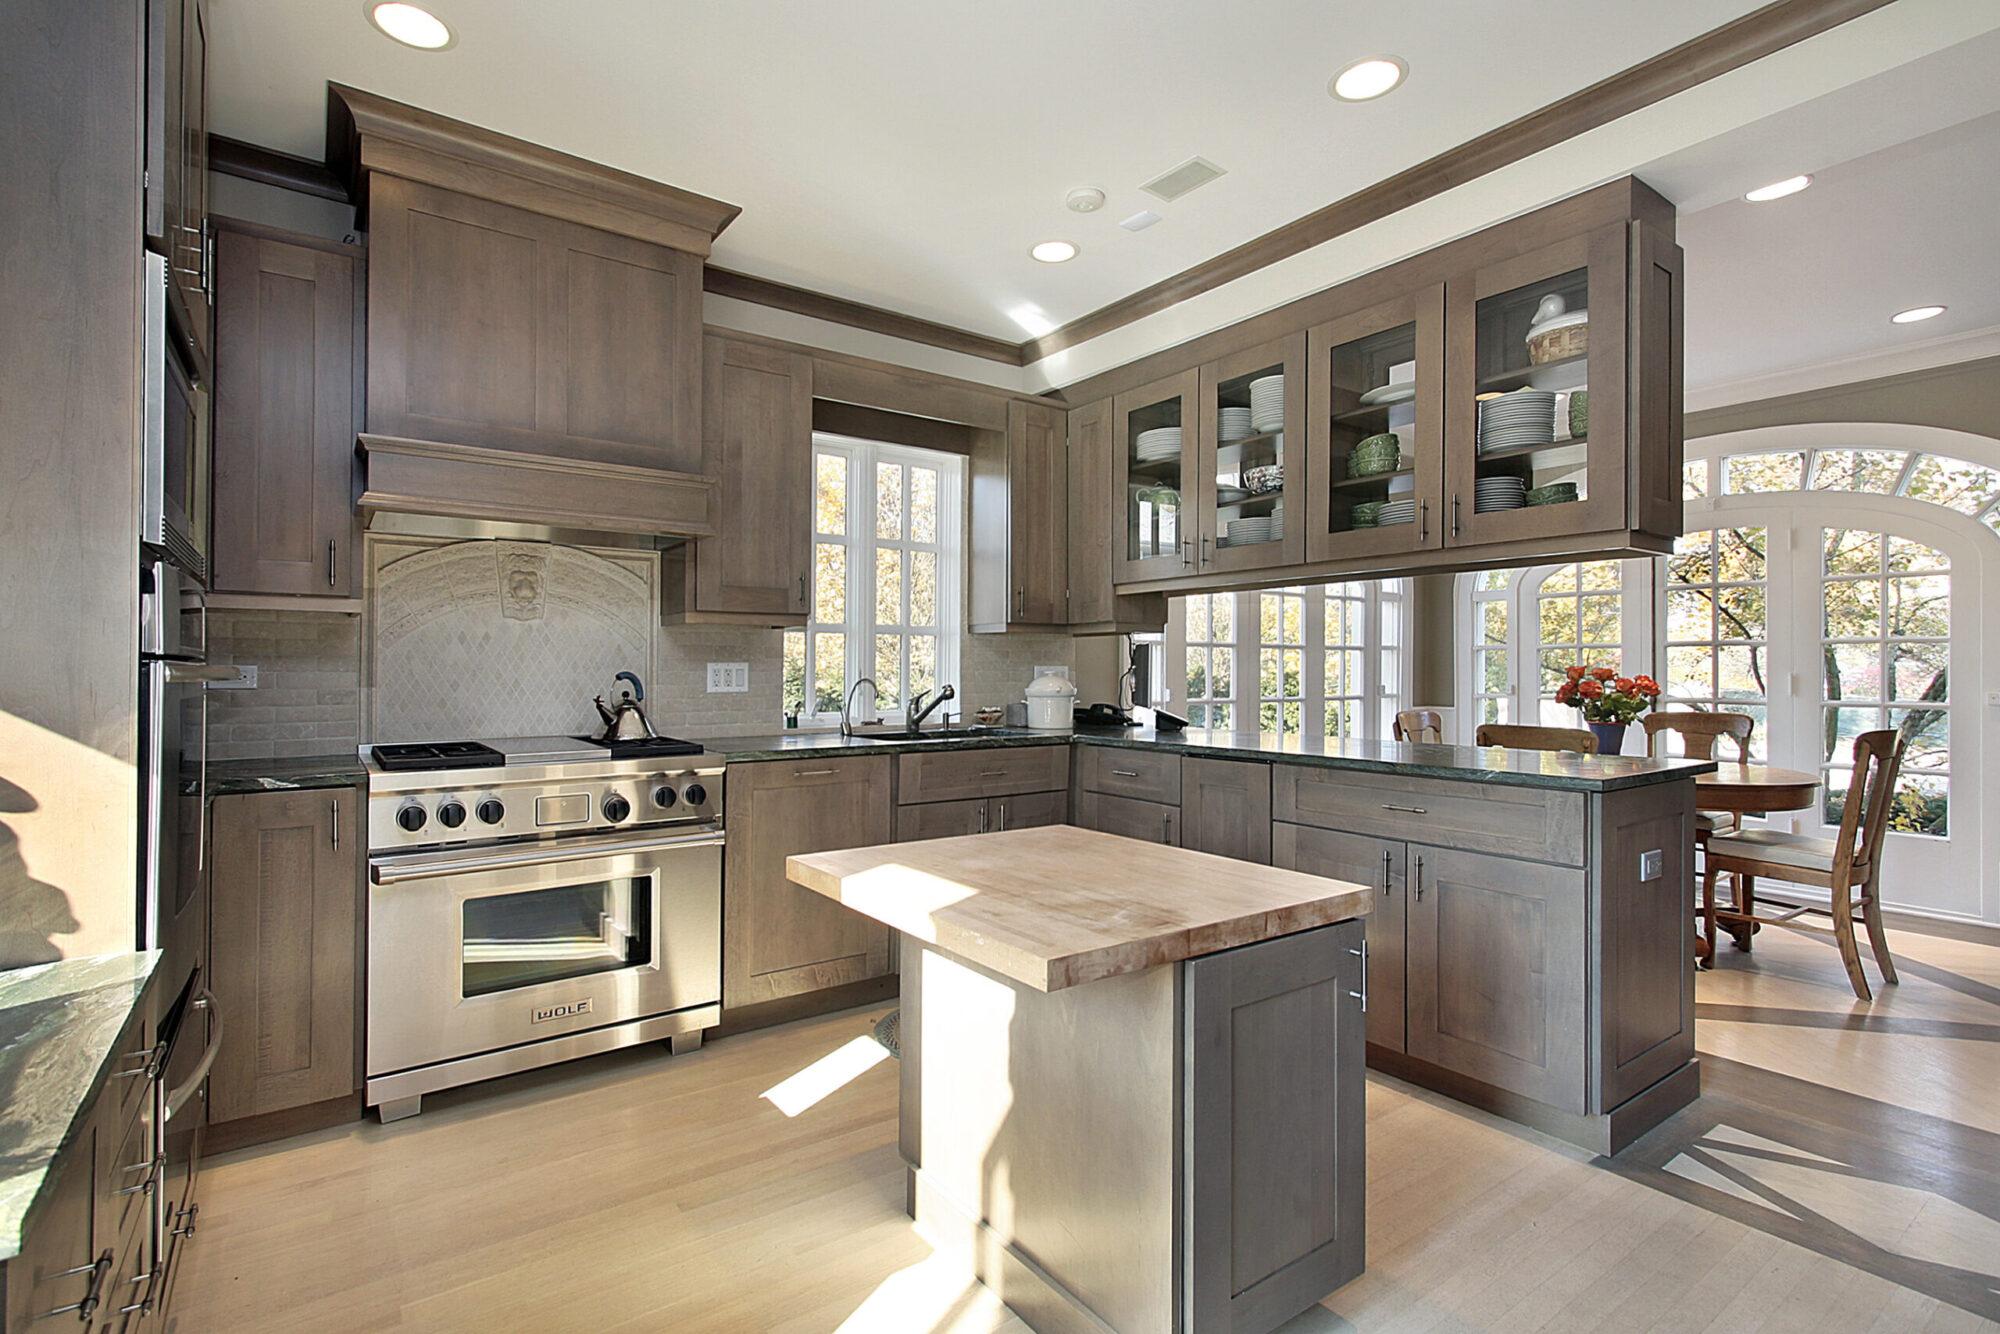 Kitchen Remodeling edwardsville il